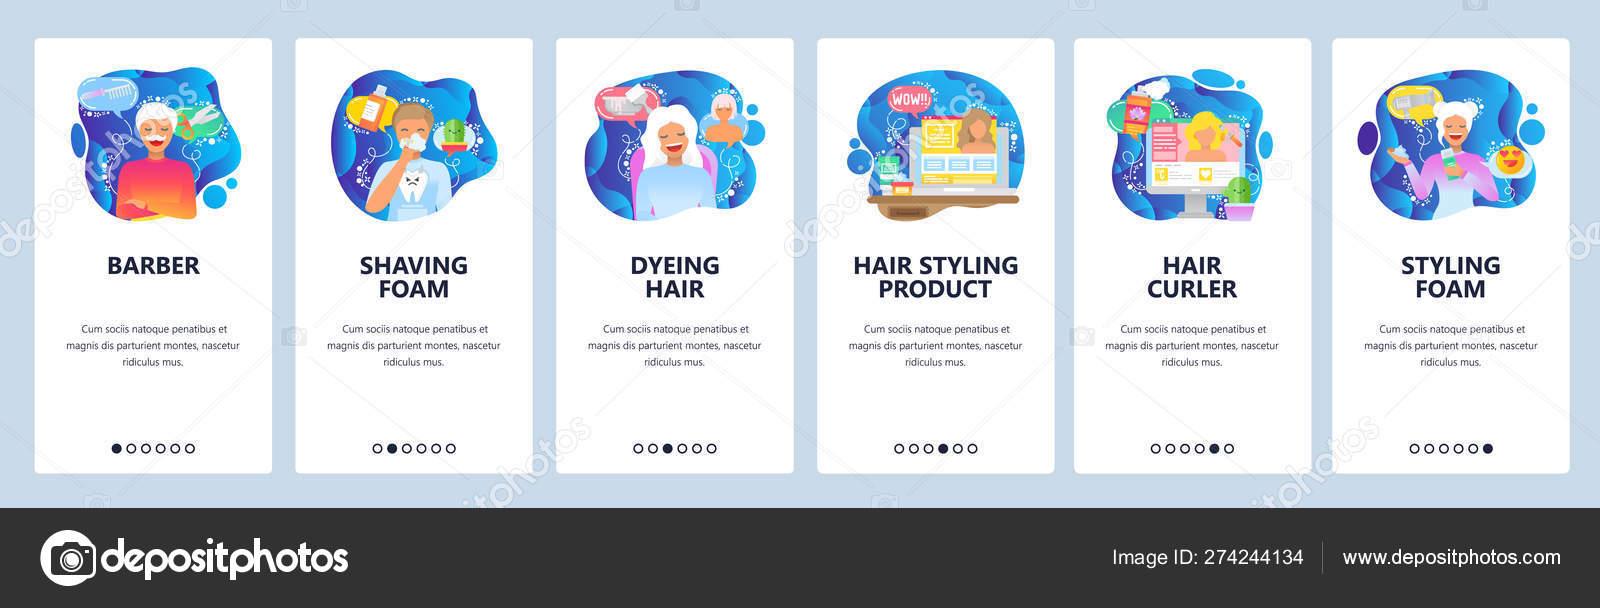 Mobile app onboarding screens. Barbershop, beauty salon